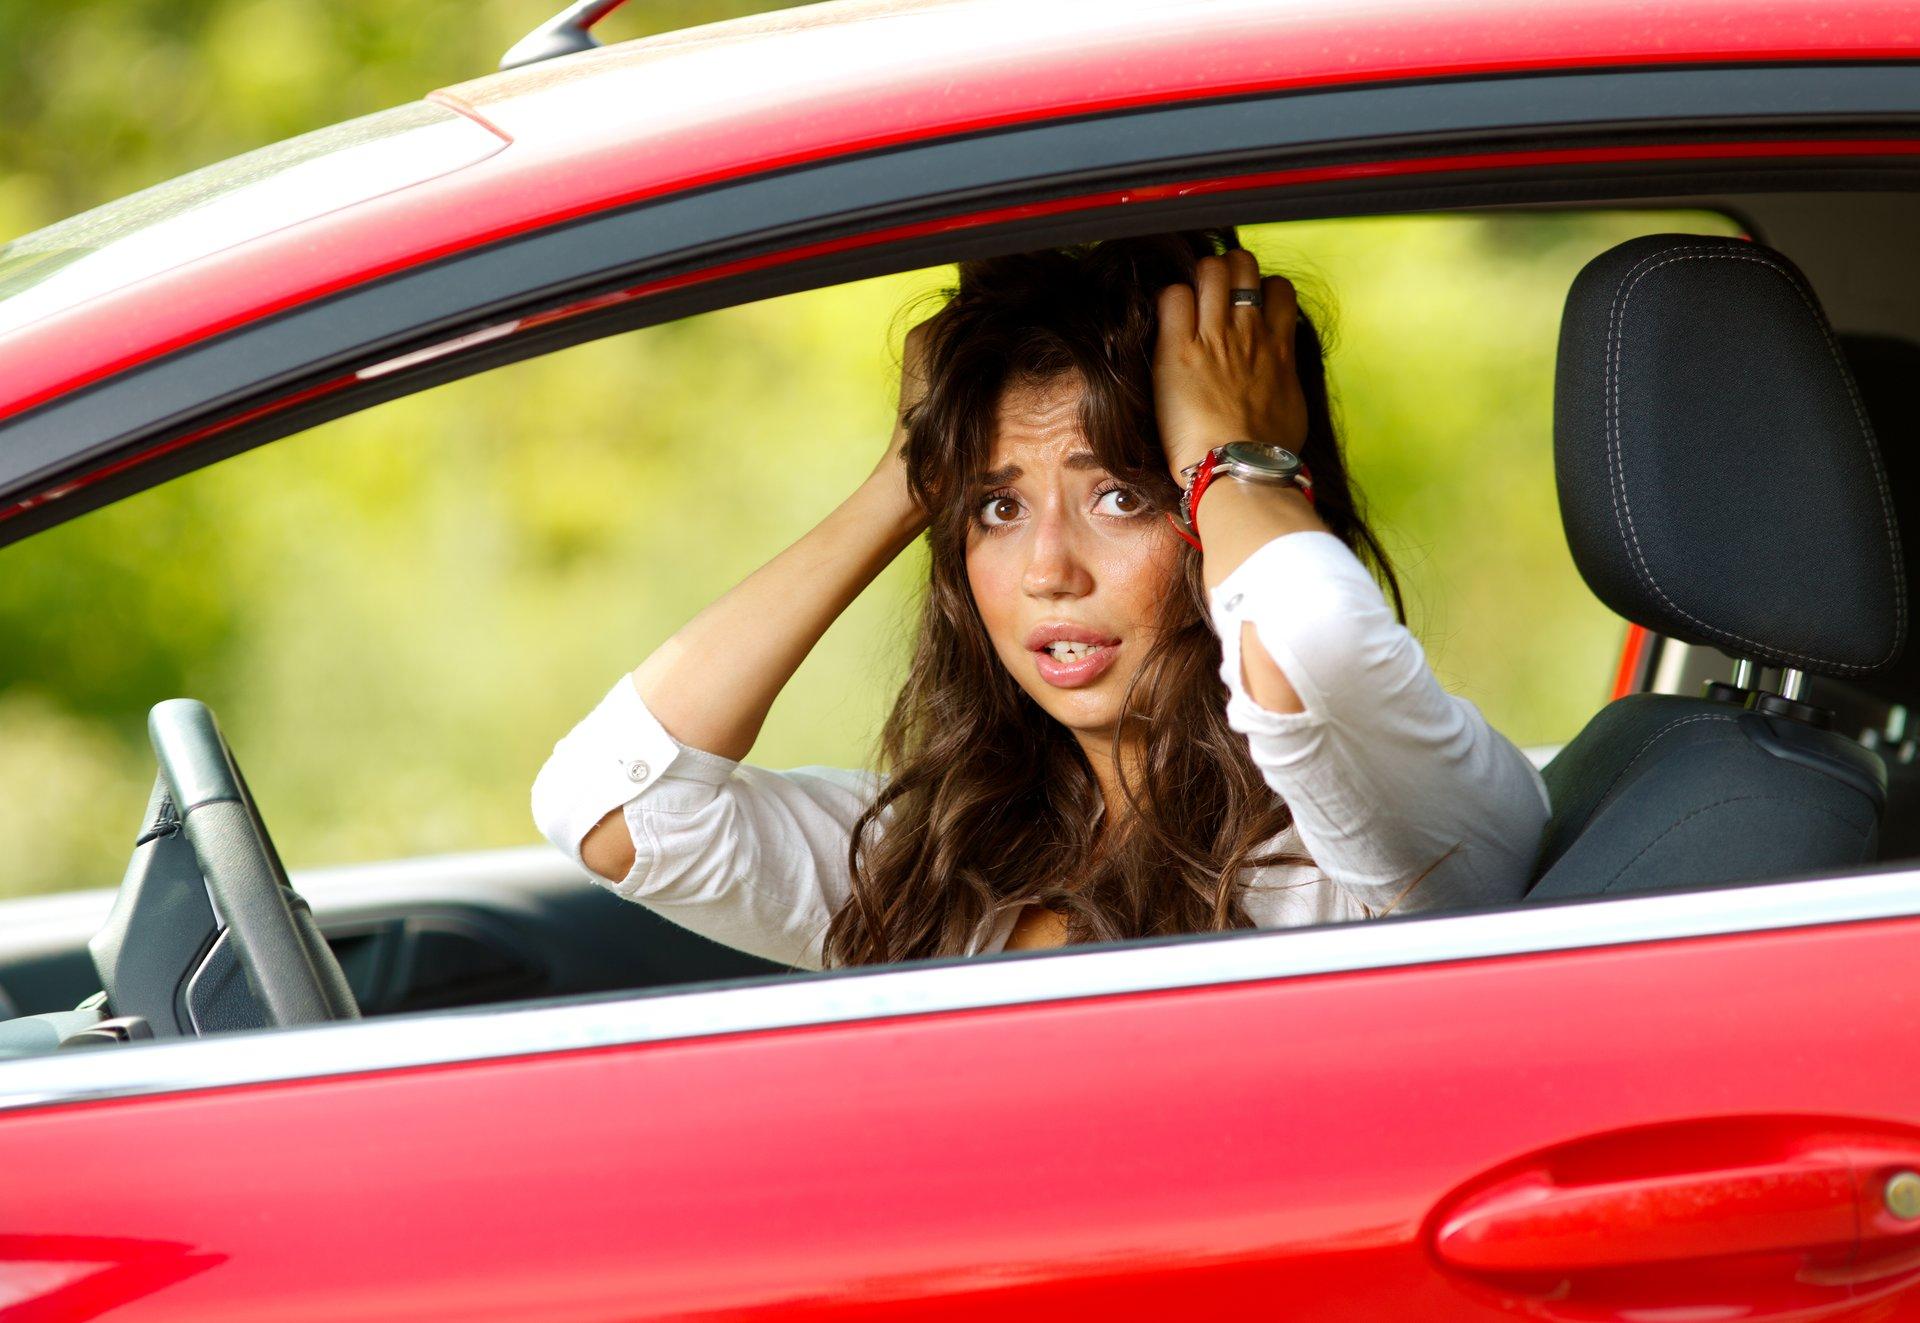 Unhappy driver